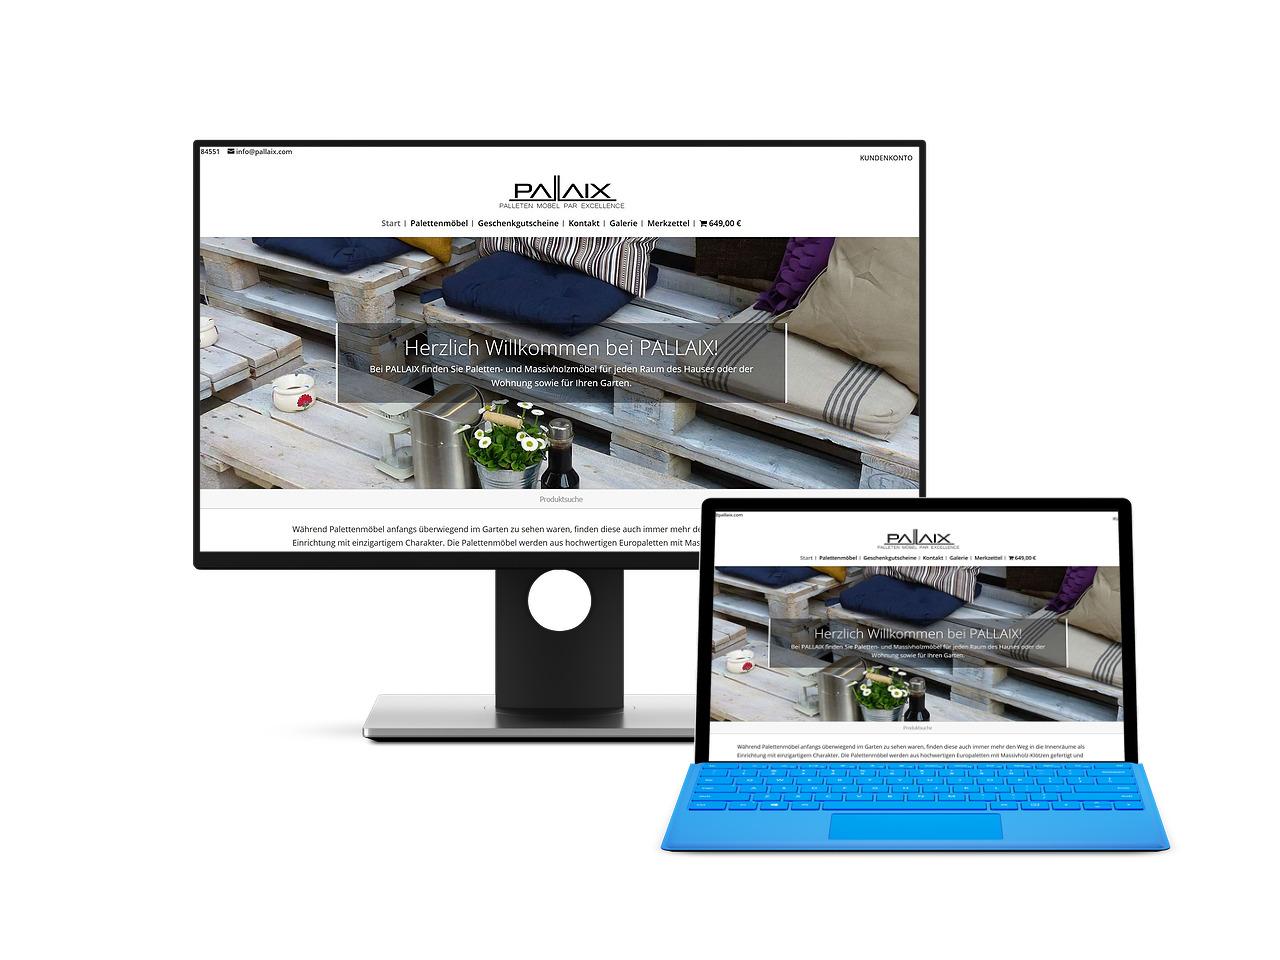 Pallaix Webdesign Hechthausen Hemmoor Wingst Onlineshop